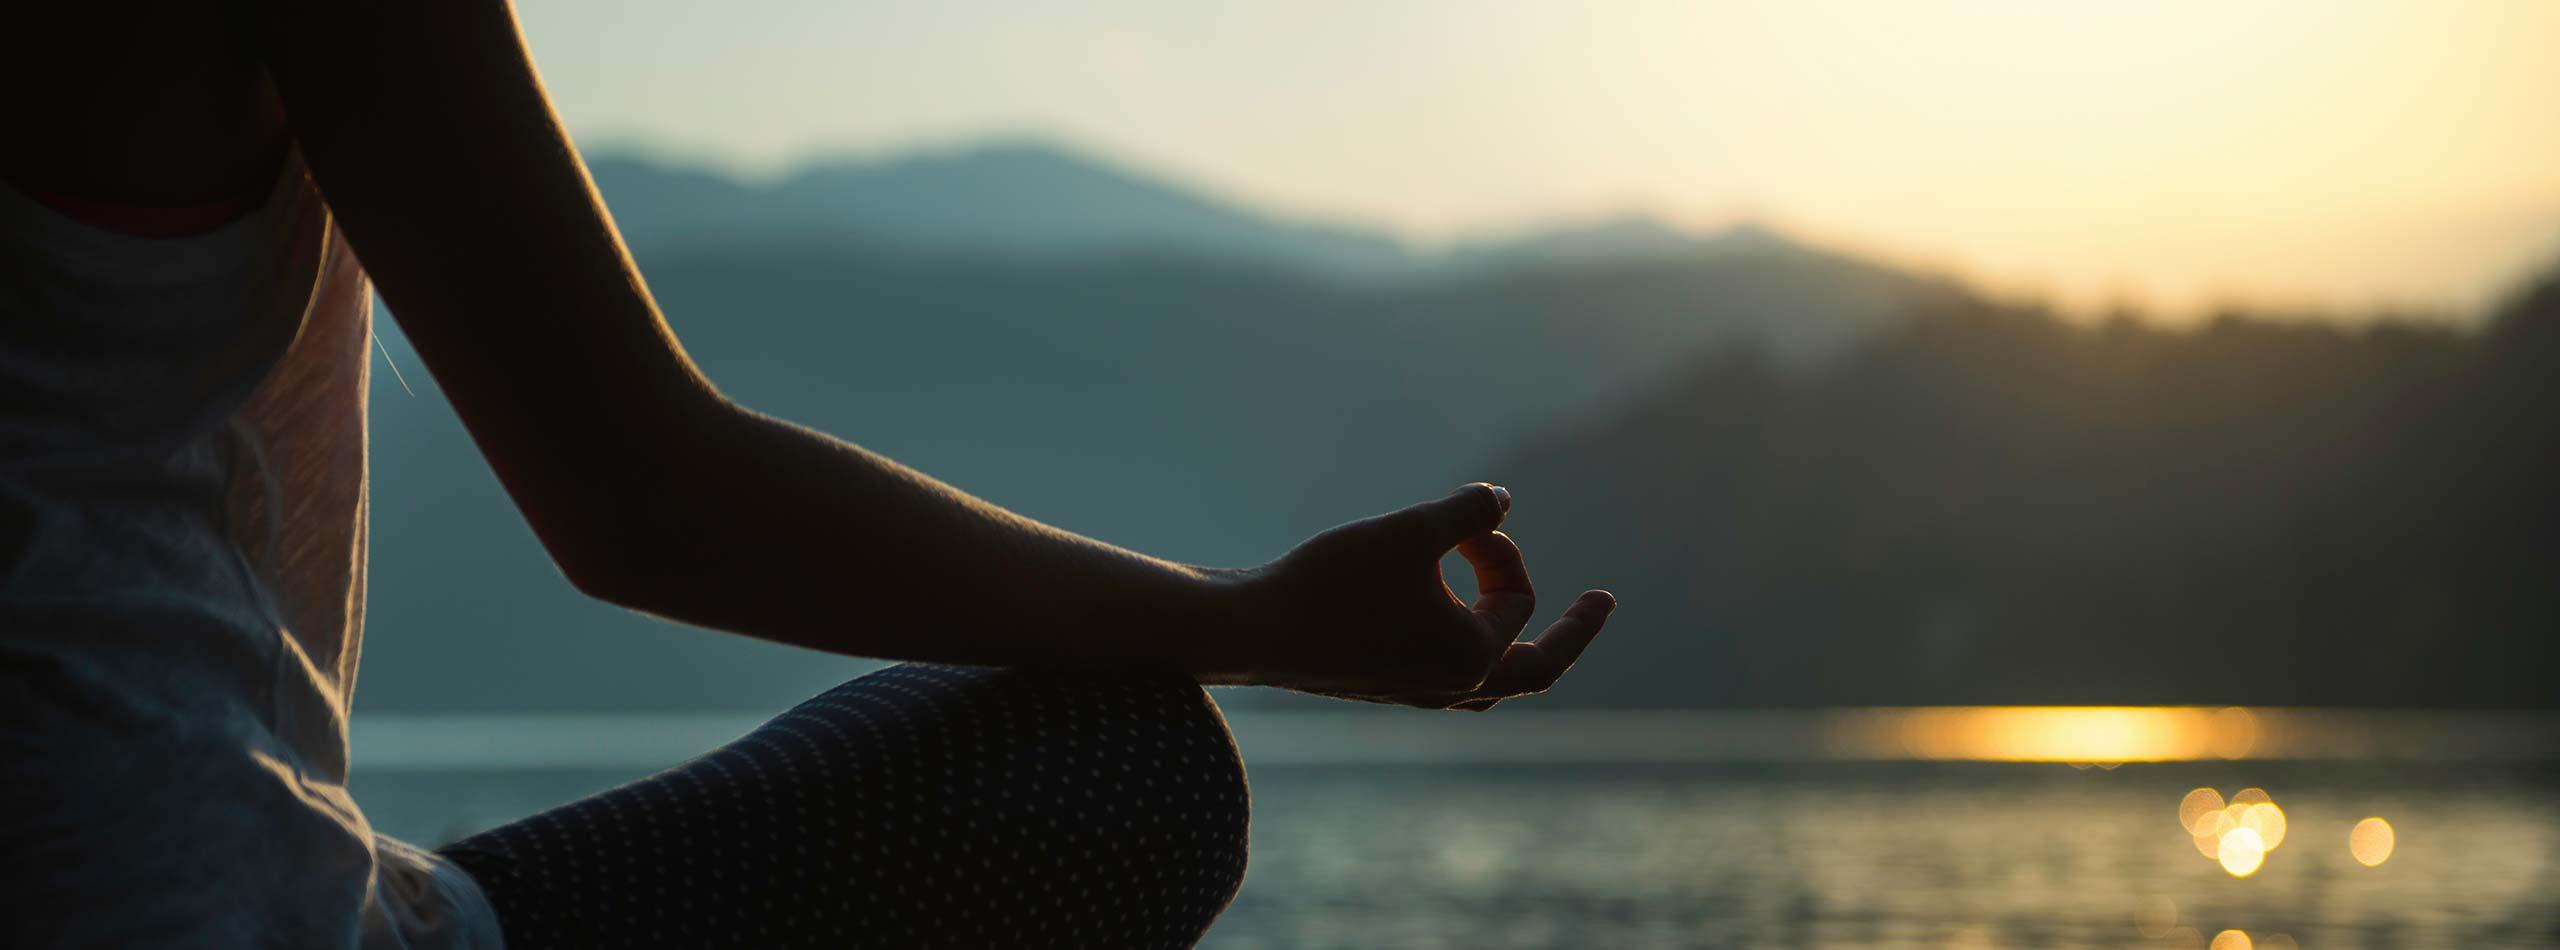 Ayurveda and Yoga holidays